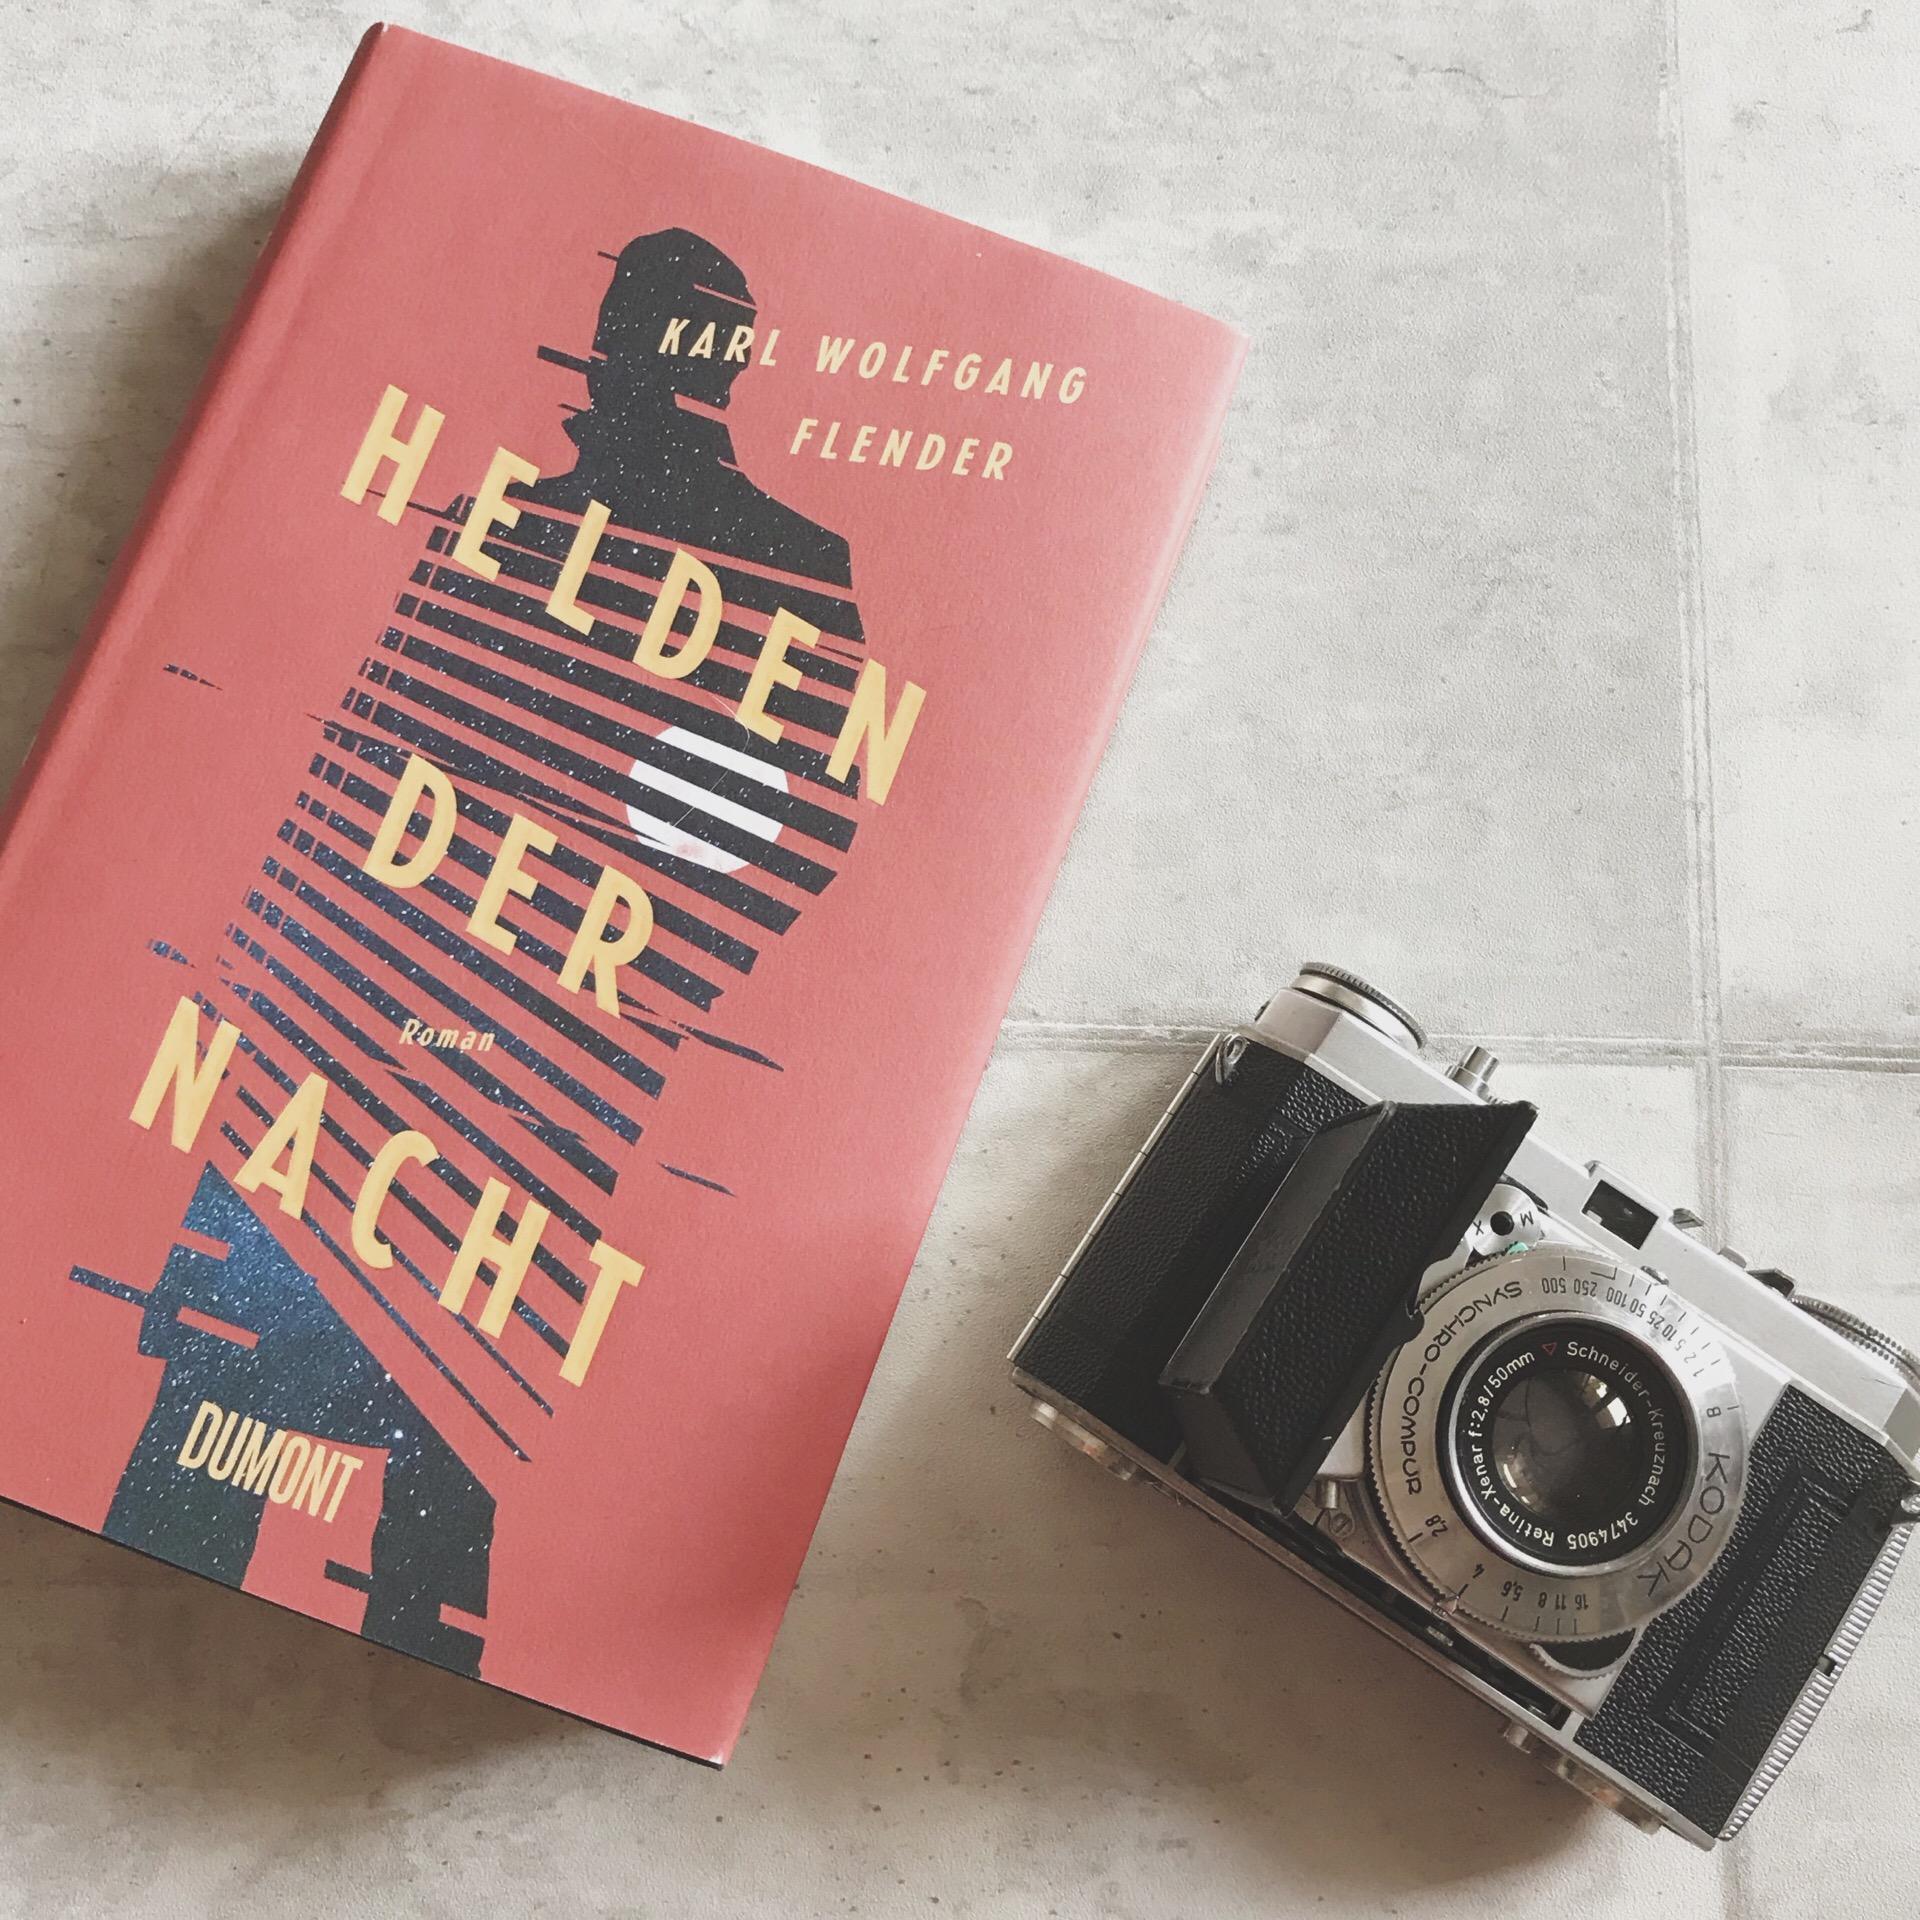 Rezension: Helden der Nacht von Karl Wolfgang Flender